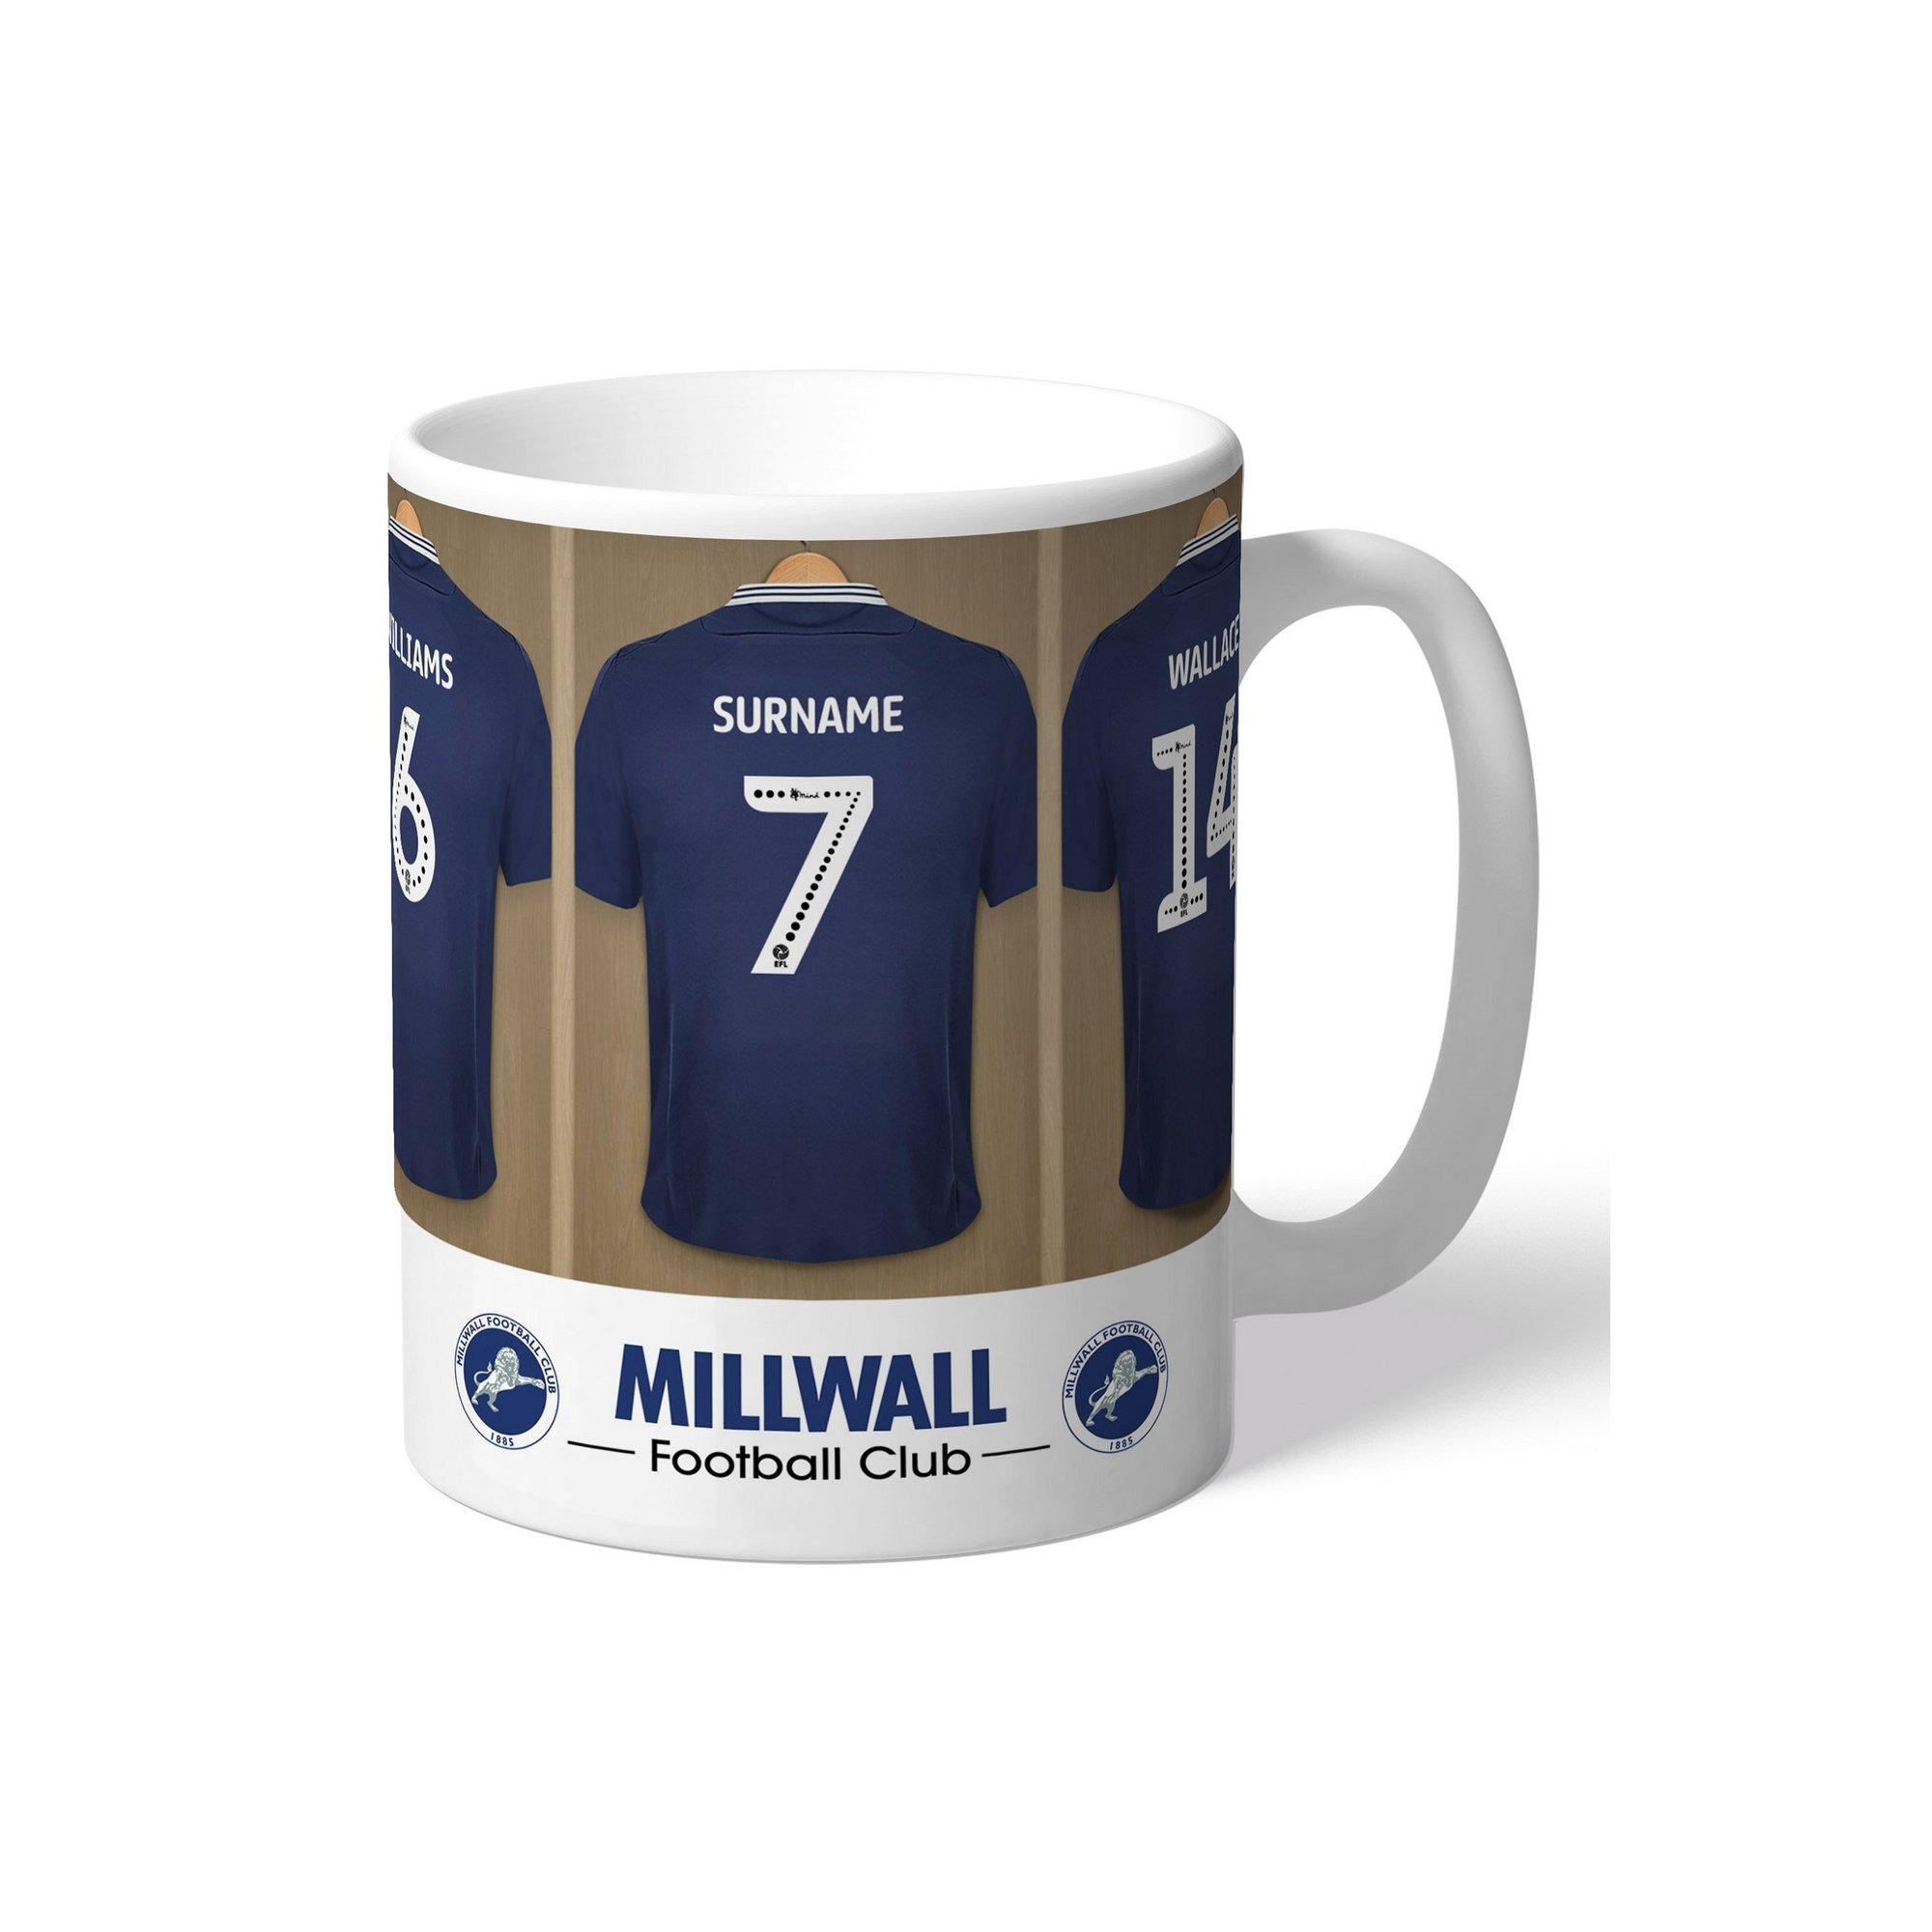 Image of Personalised Millwall FC Dressing Room Mug